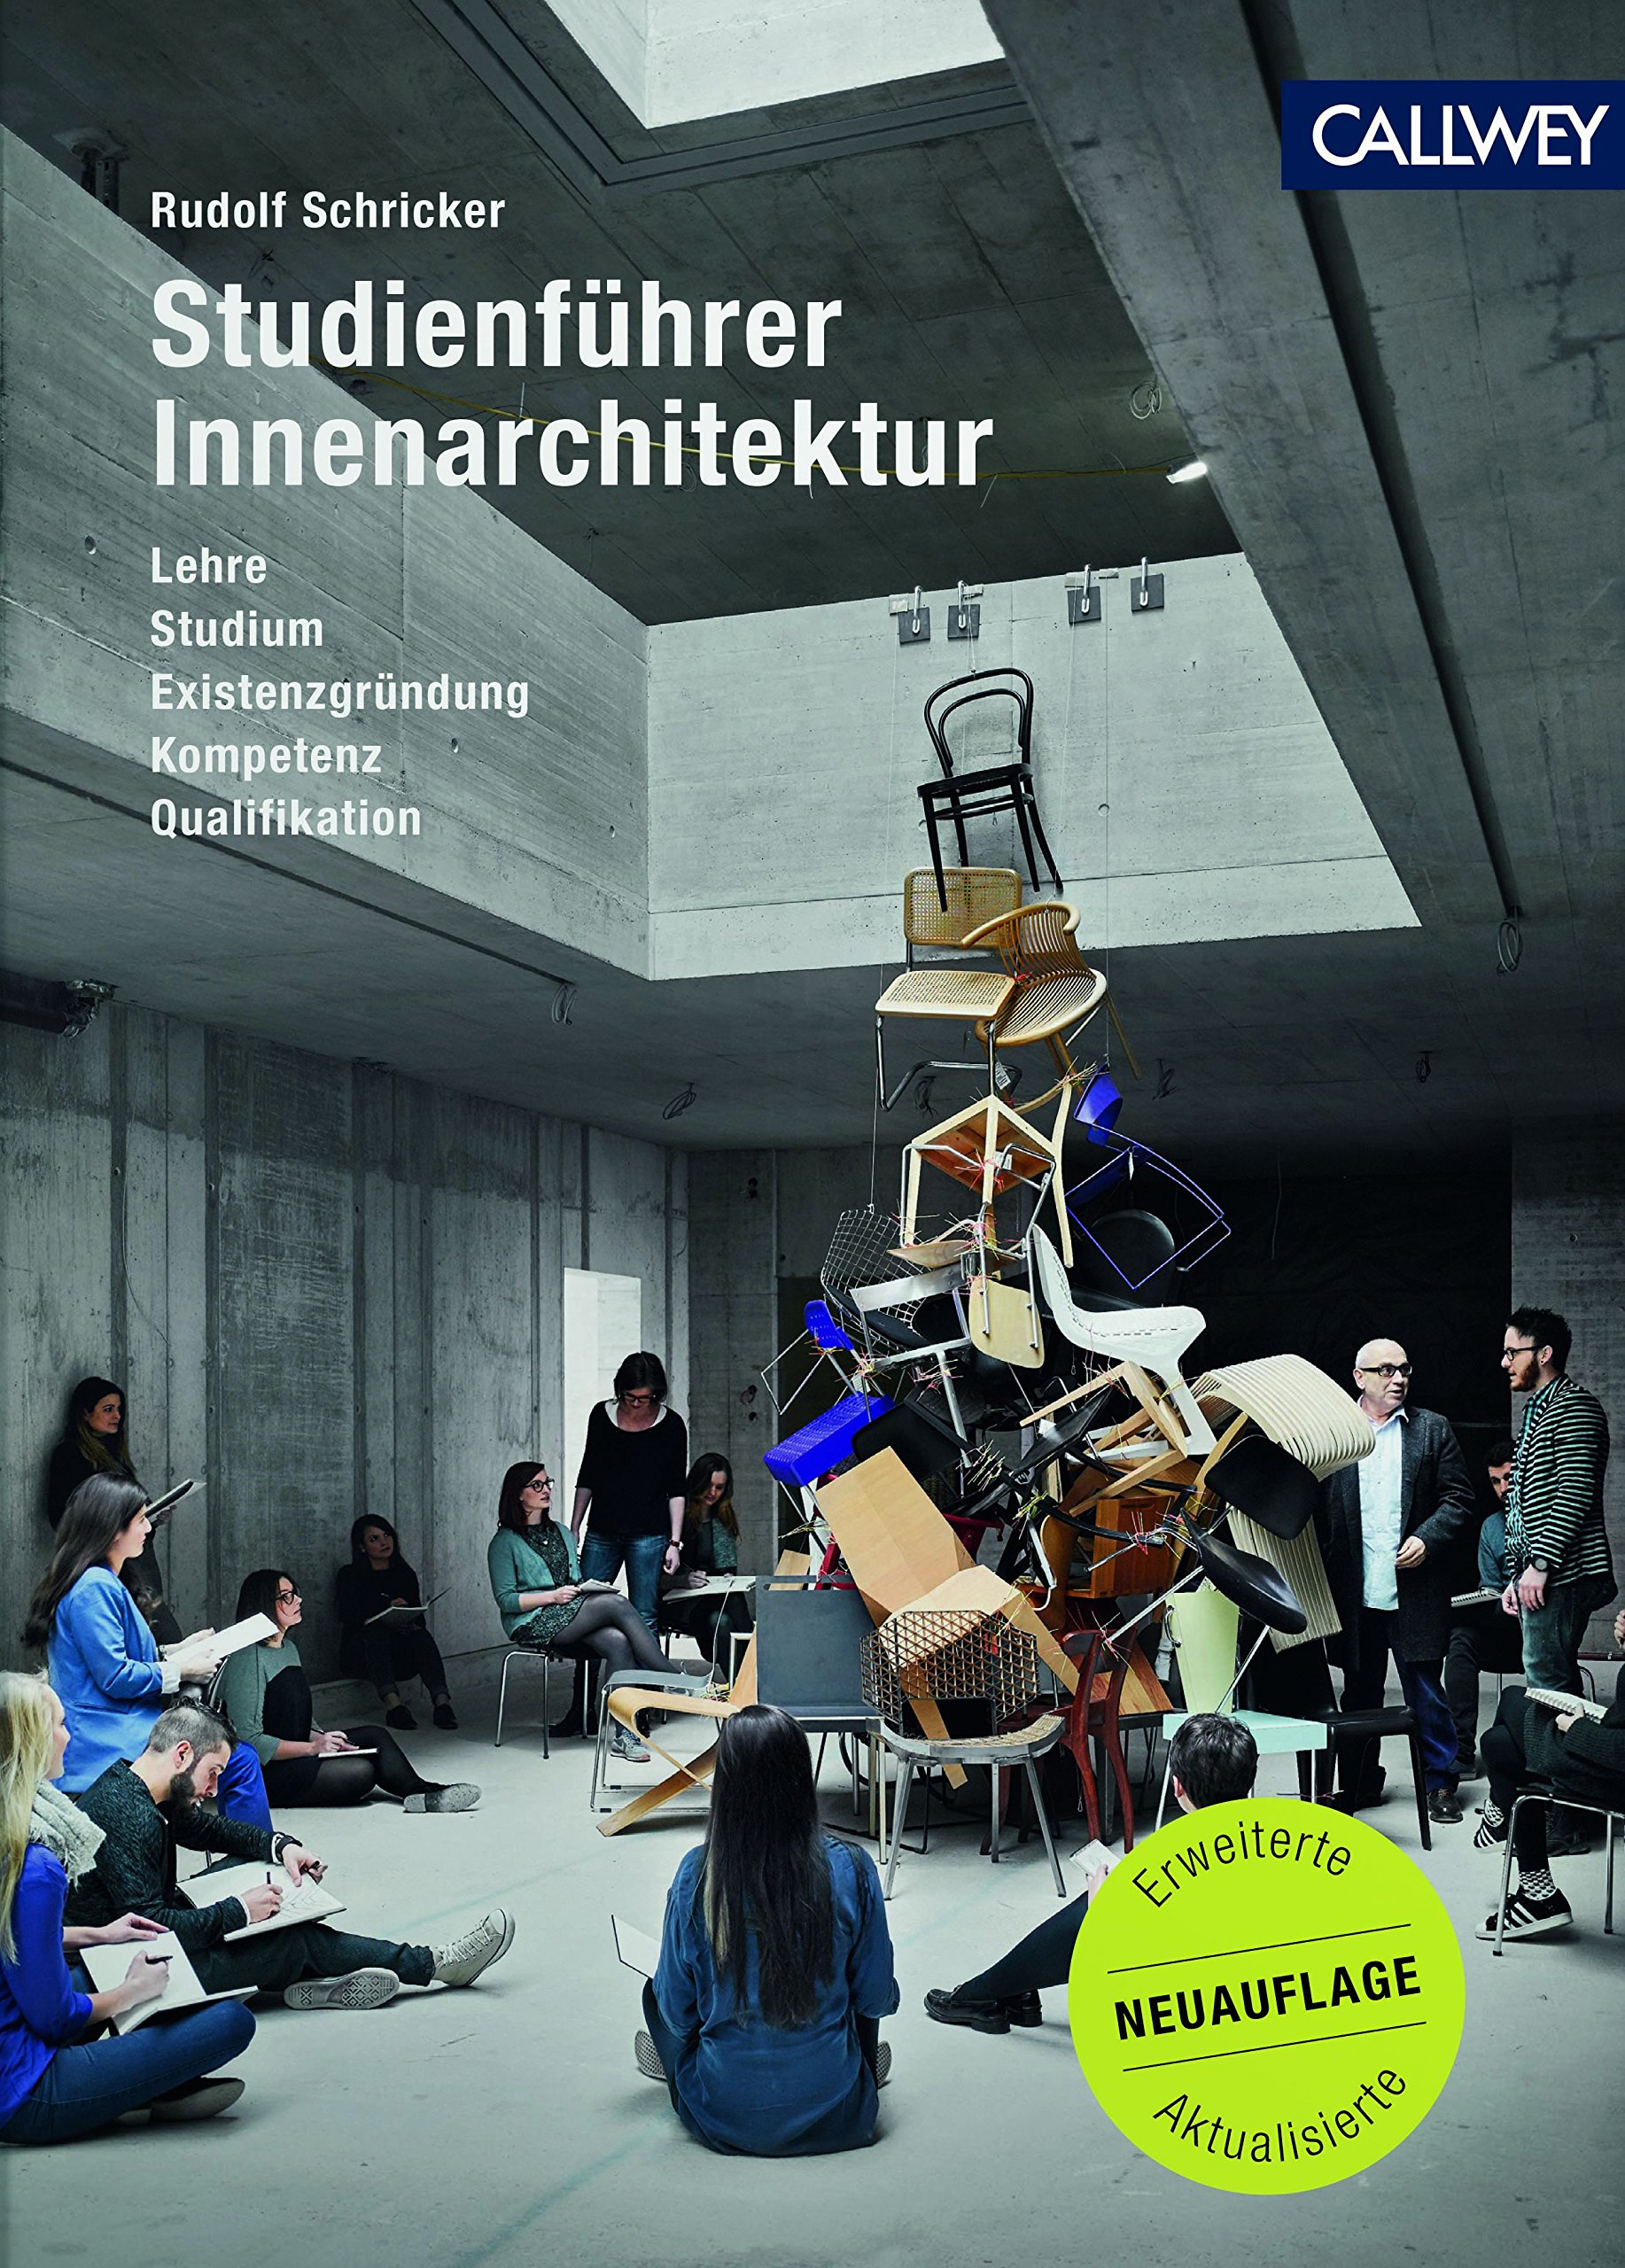 Innenarchitektur voraussetzungen  Studienführer Innenarchitektur: Lehre, Studium, Existenzgründung ...